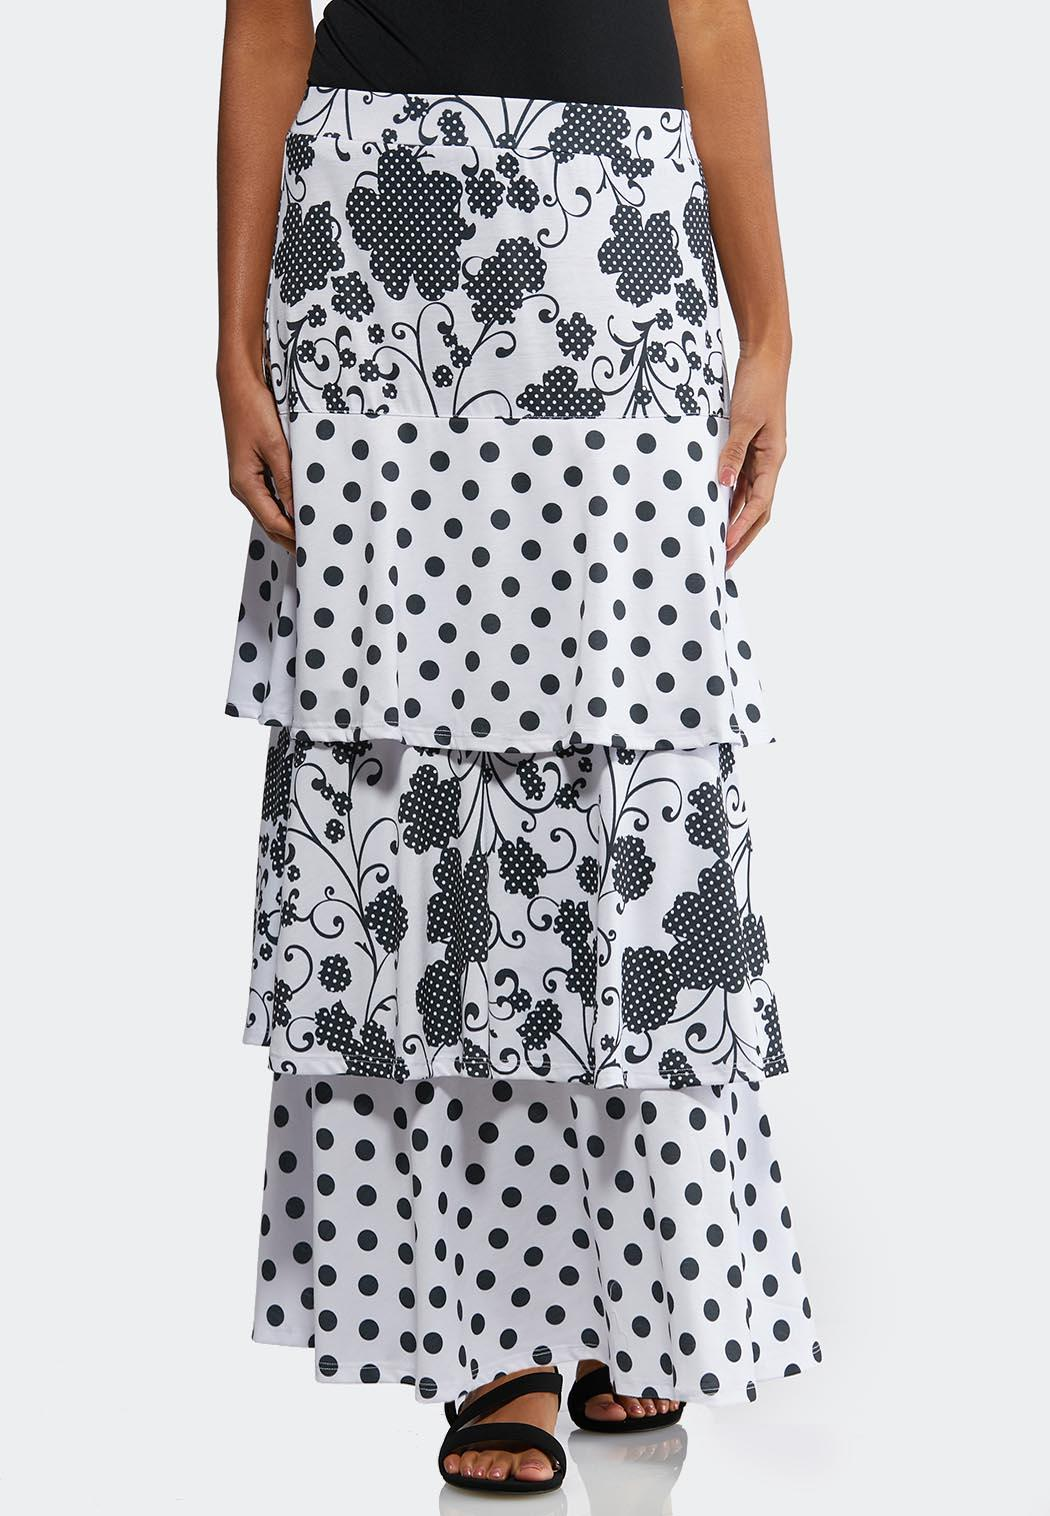 685d50195ec Tiered Floral Dot Skirt alternate view Tiered Floral Dot Skirt